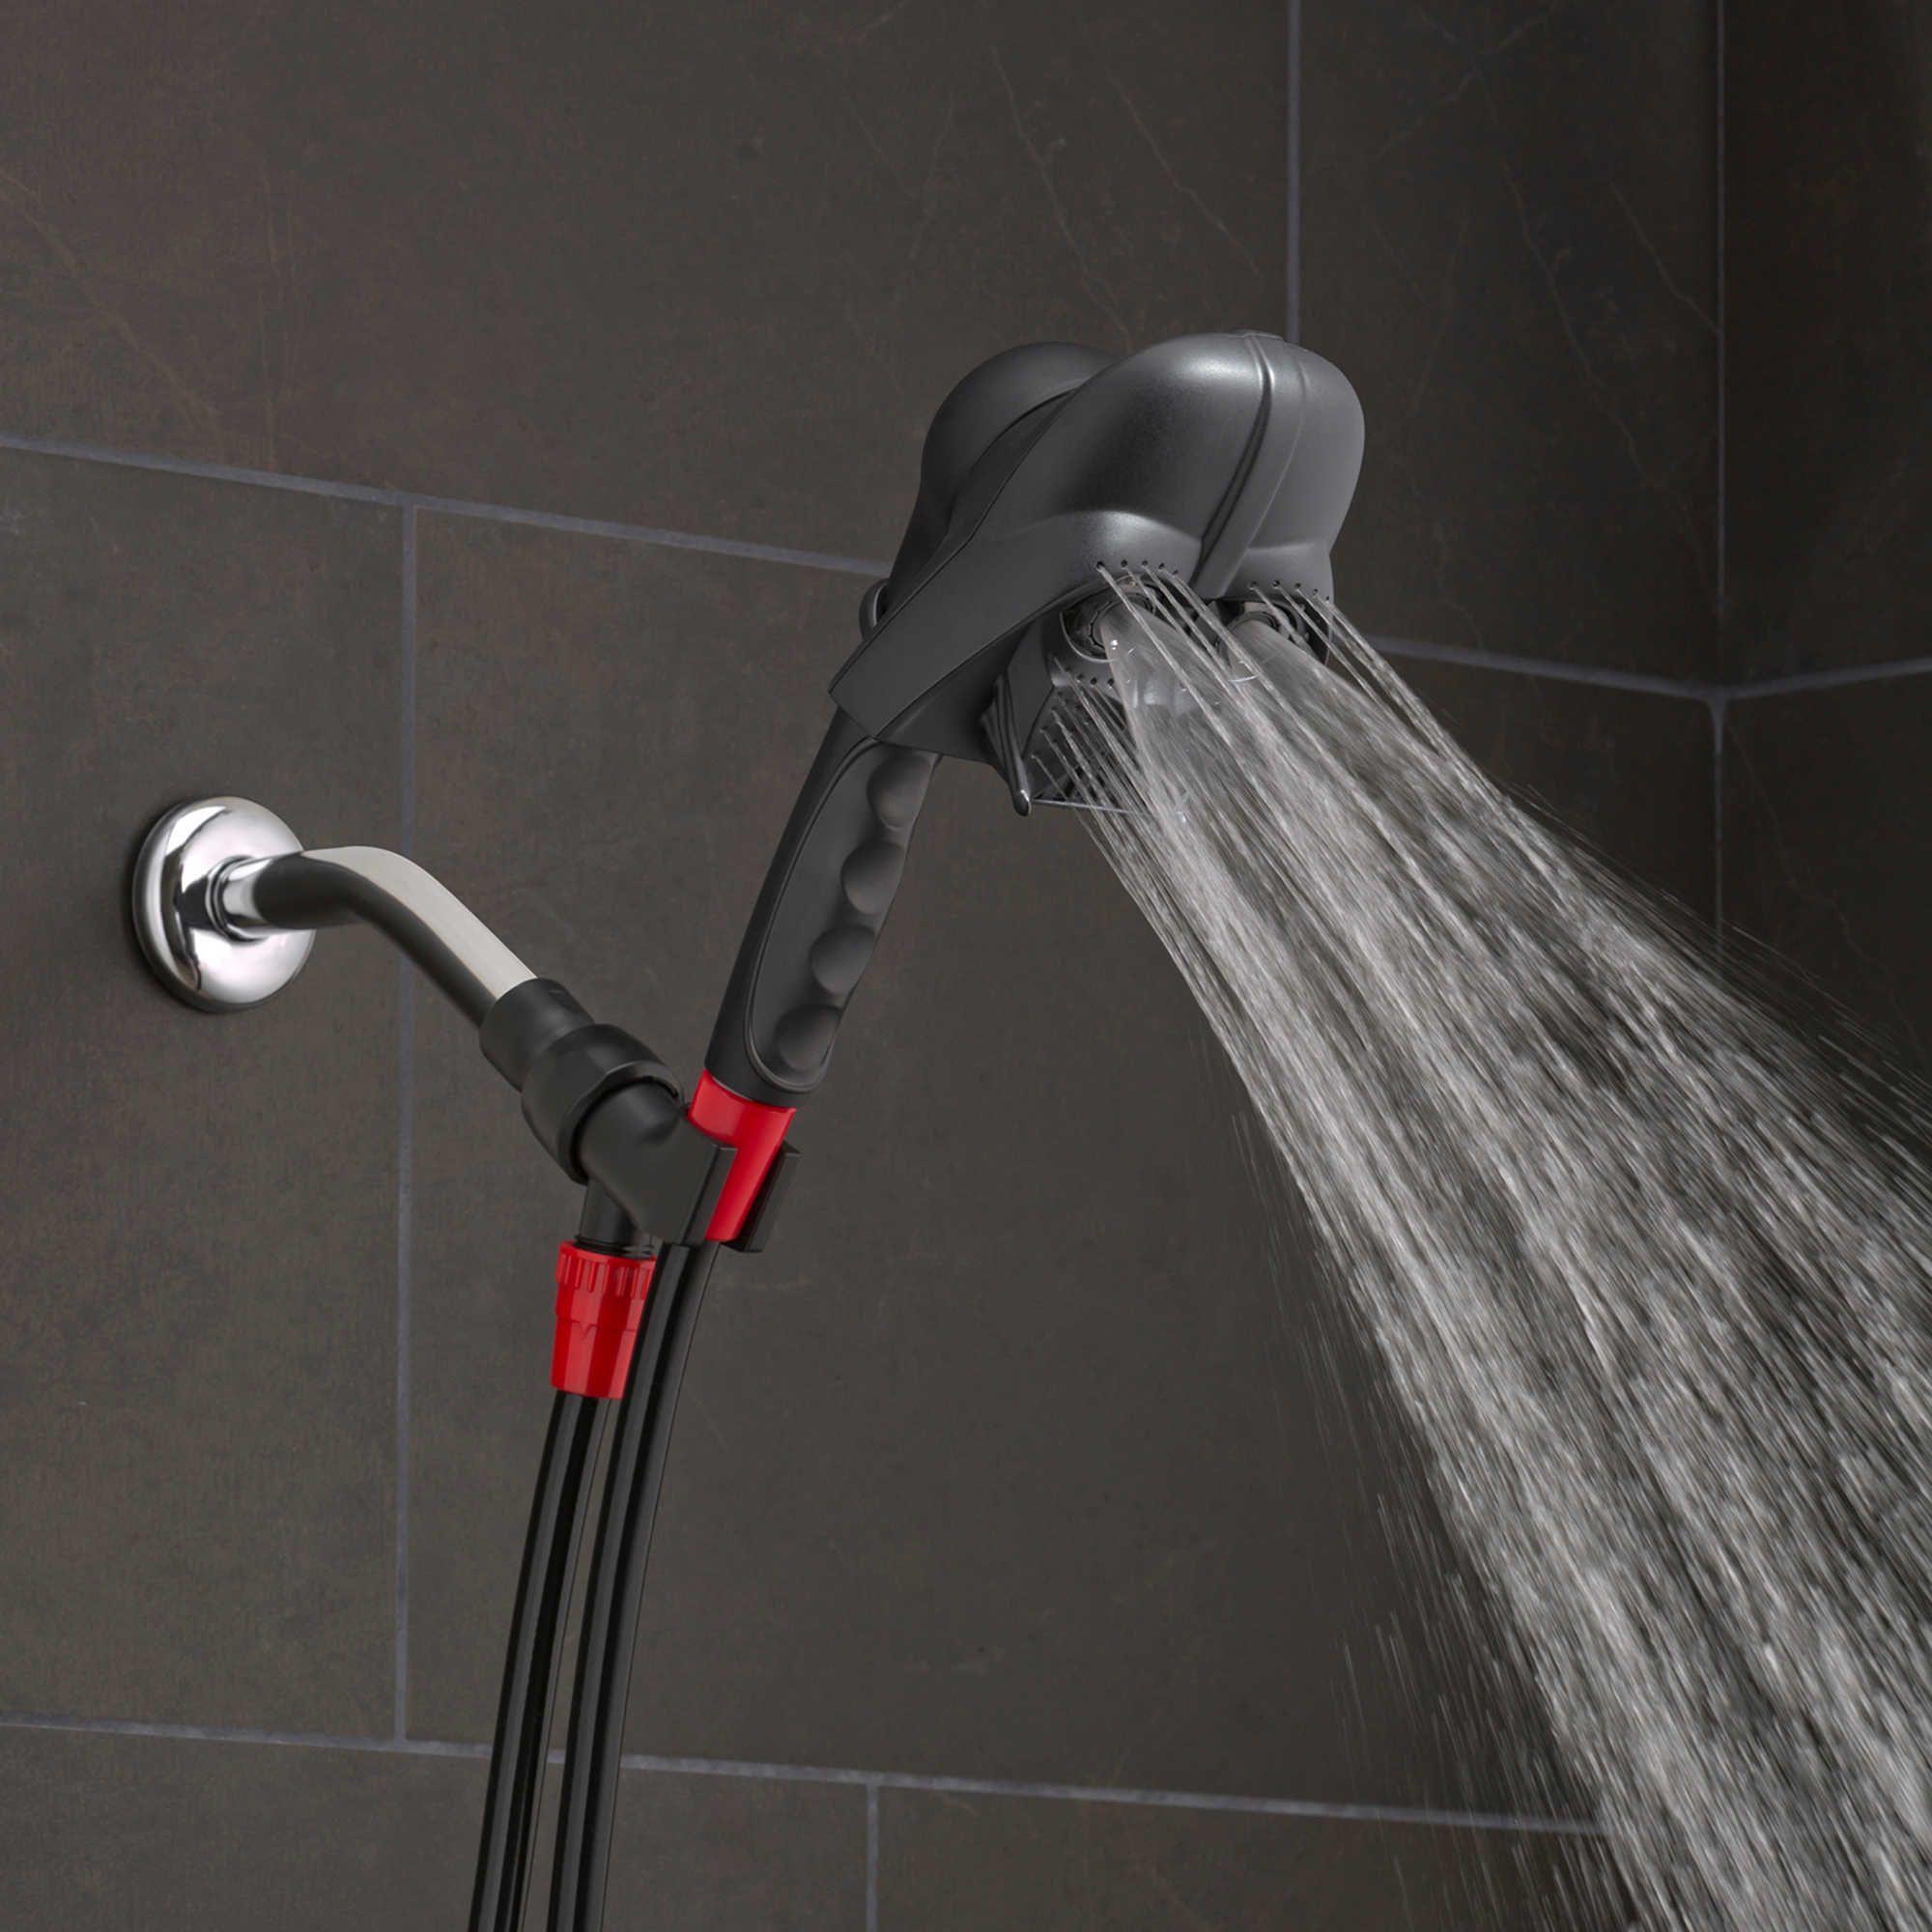 Best Kids Shower Head Reviews In 2020 Darth Vader Shower Head